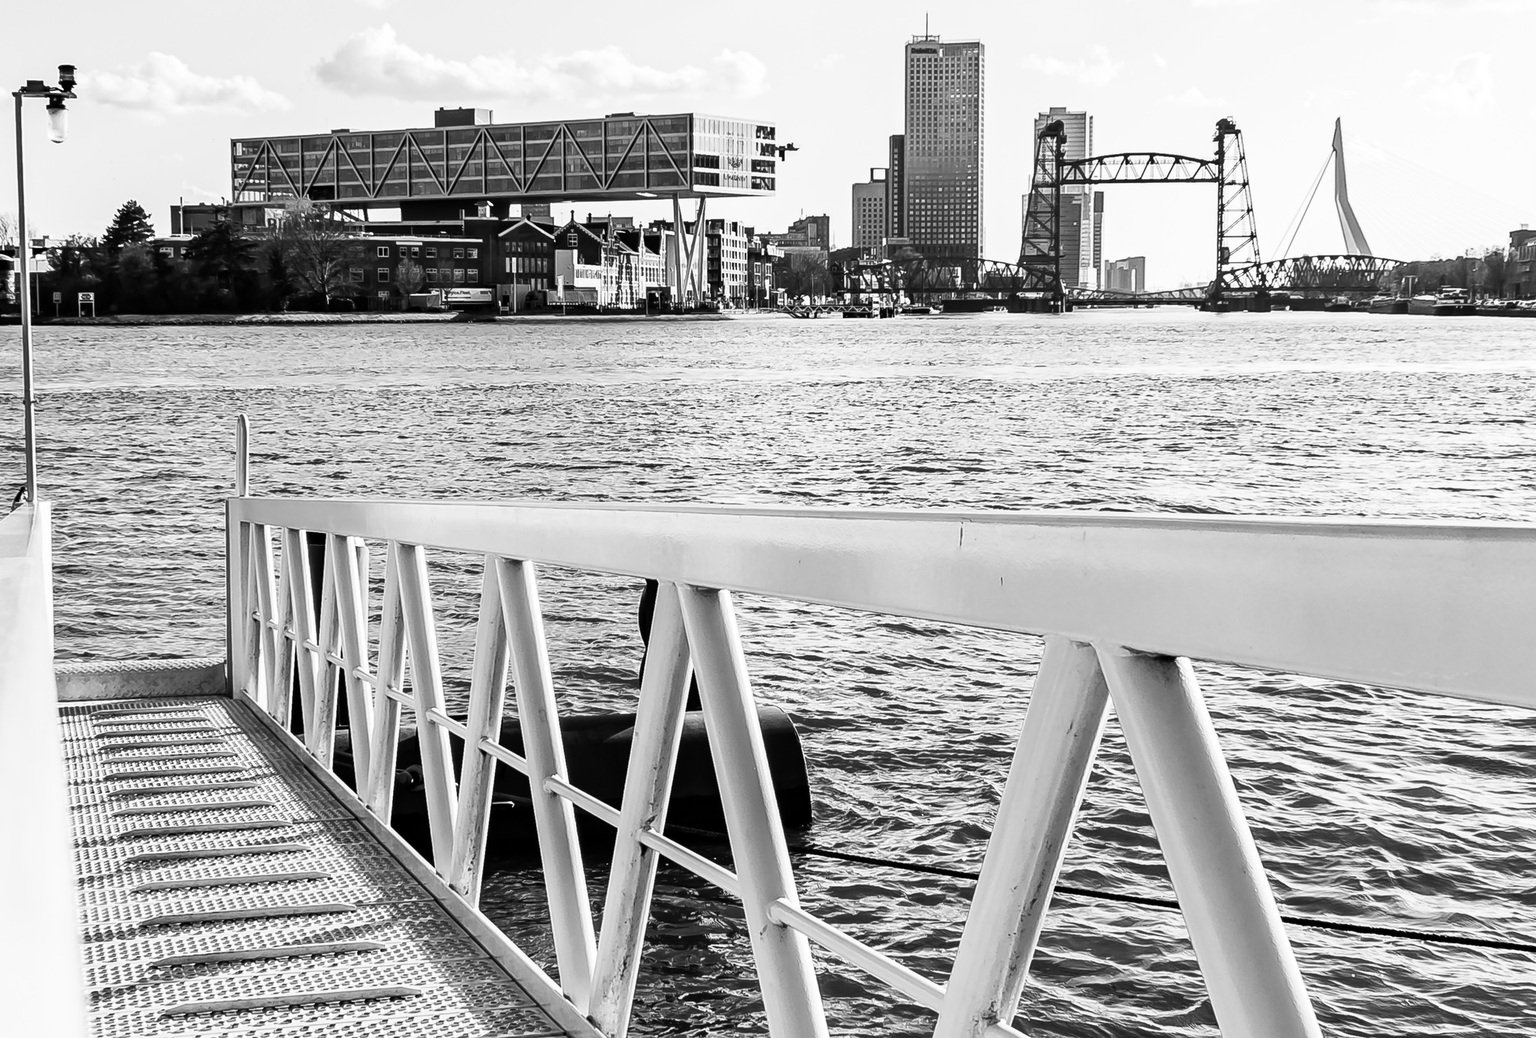 Één structuur in 3 objecten - Watertaxi steiger, Unilever gebouw en de Hef met een identieke structuur in de bouw verwerkt.  - foto door Edgar-S op 12-04-2021 - locatie: Rotterdam, Nederland - deze foto bevat: water, gebouw, watervoorraden, dag, lucht, wit, infrastructuur, zwart, zwart en wit, architectuur